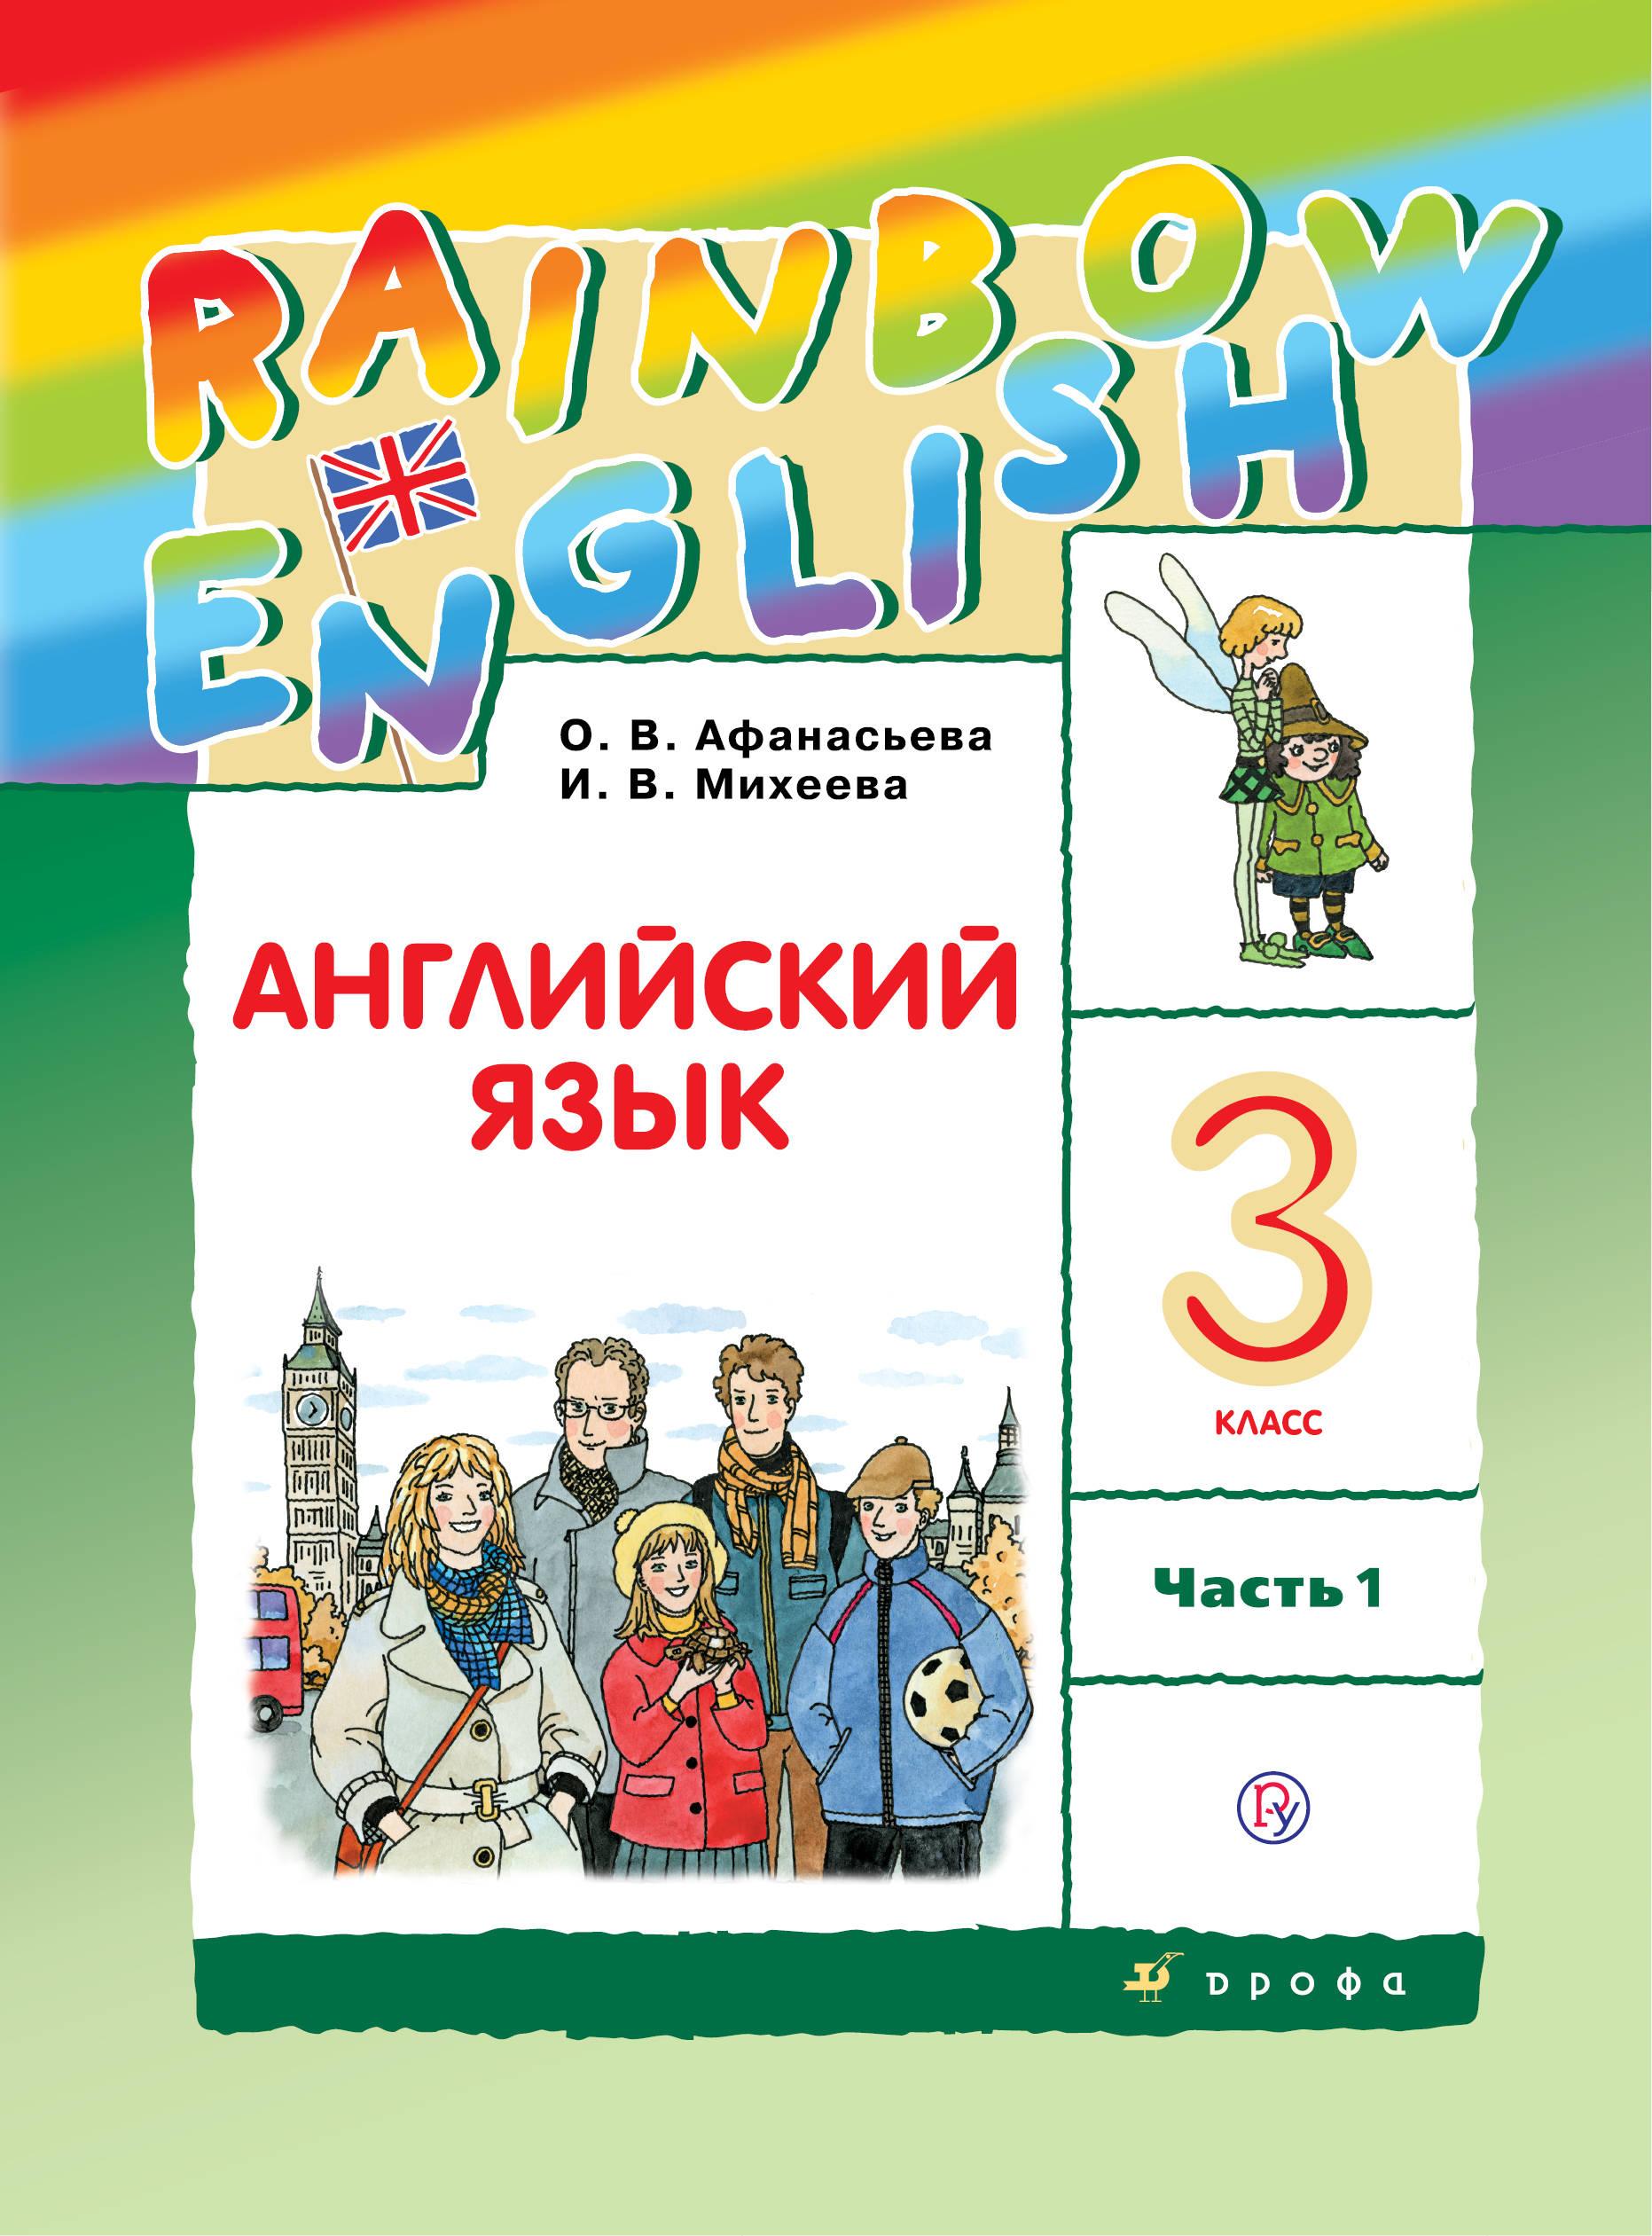 О. В. Афанасьева,И. В. Михеева Английский язык. 3 класс. Учебник в 2-х частях. Часть 1